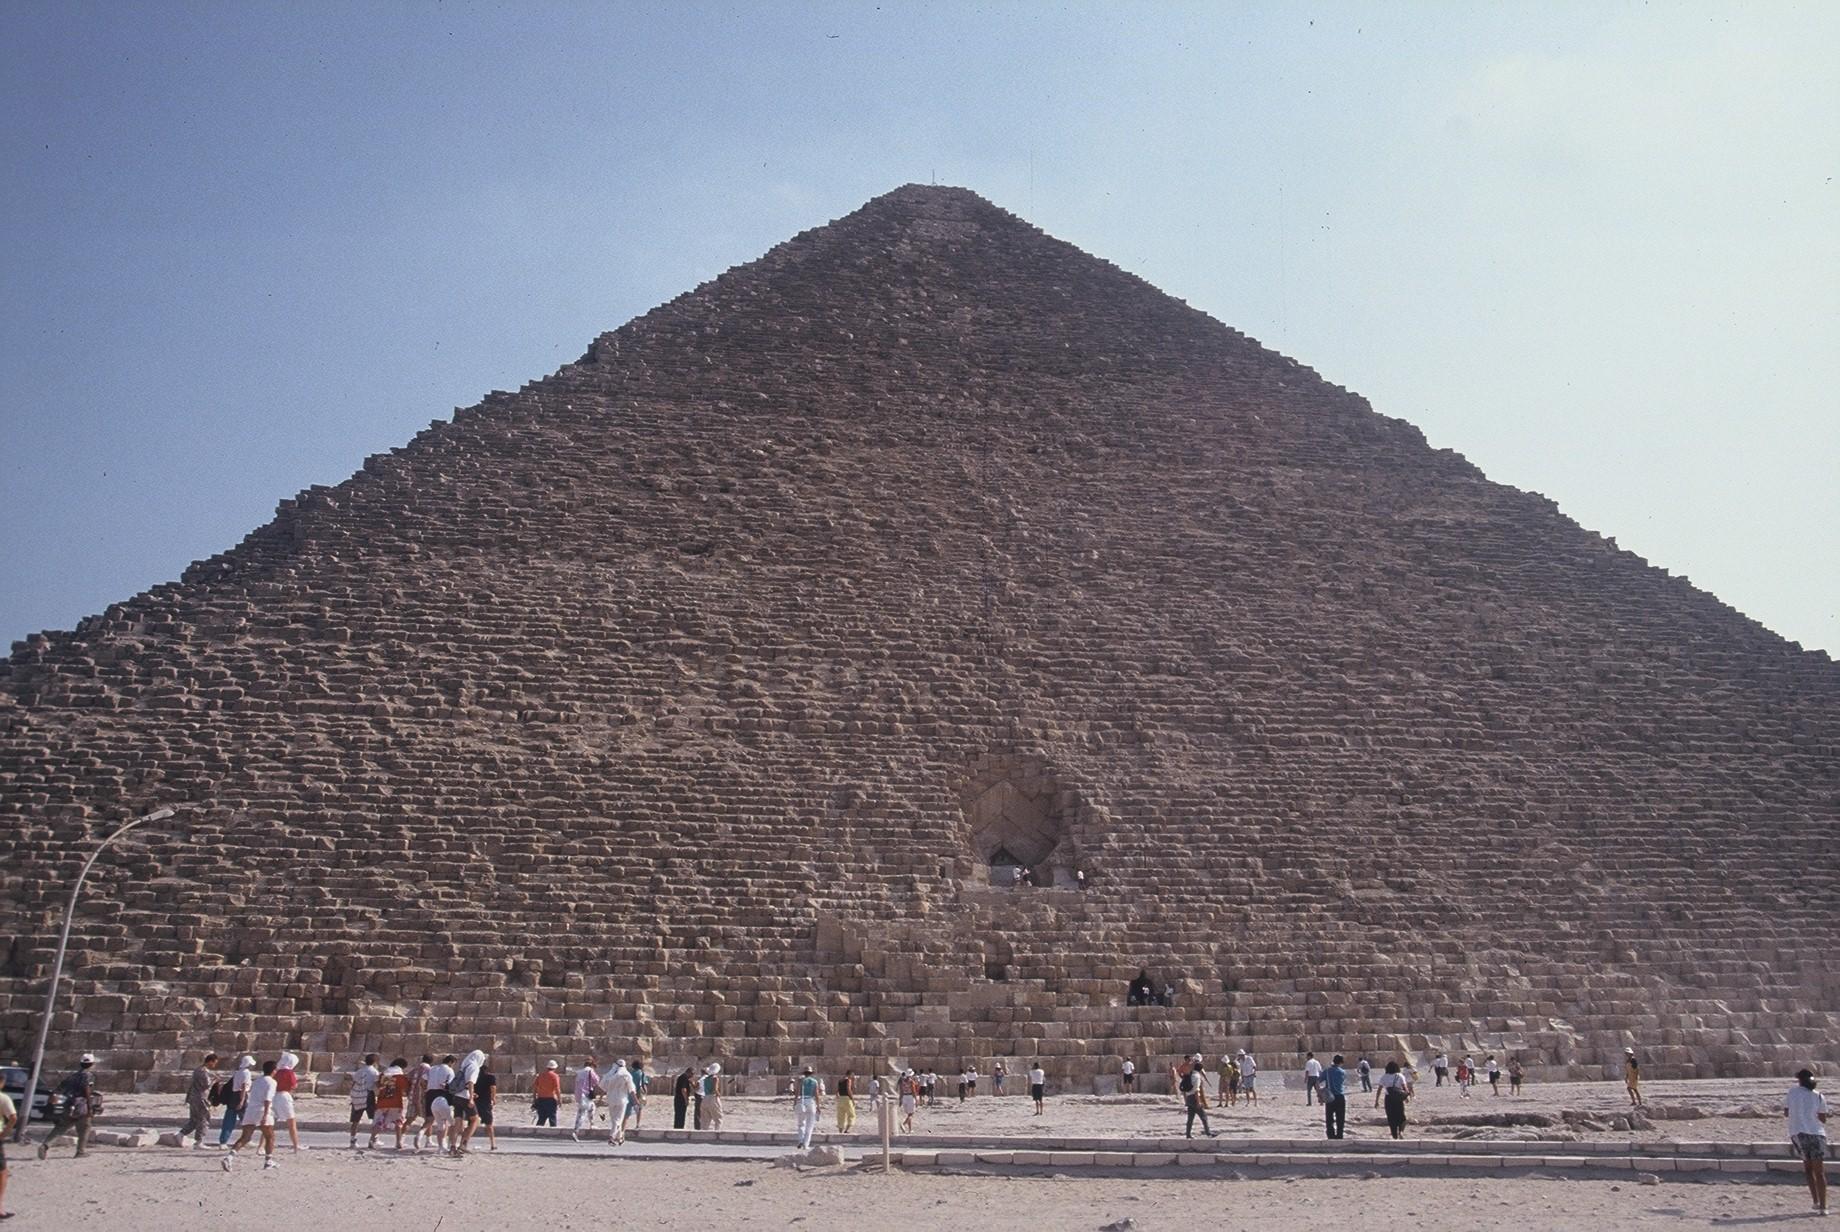 """El Dr. arquitecto Miquel Pérez-Sánchez Pla presenta hoy en Barcelona su investigación científica """"La Gran Pirámide, clave secreta del pasado"""""""